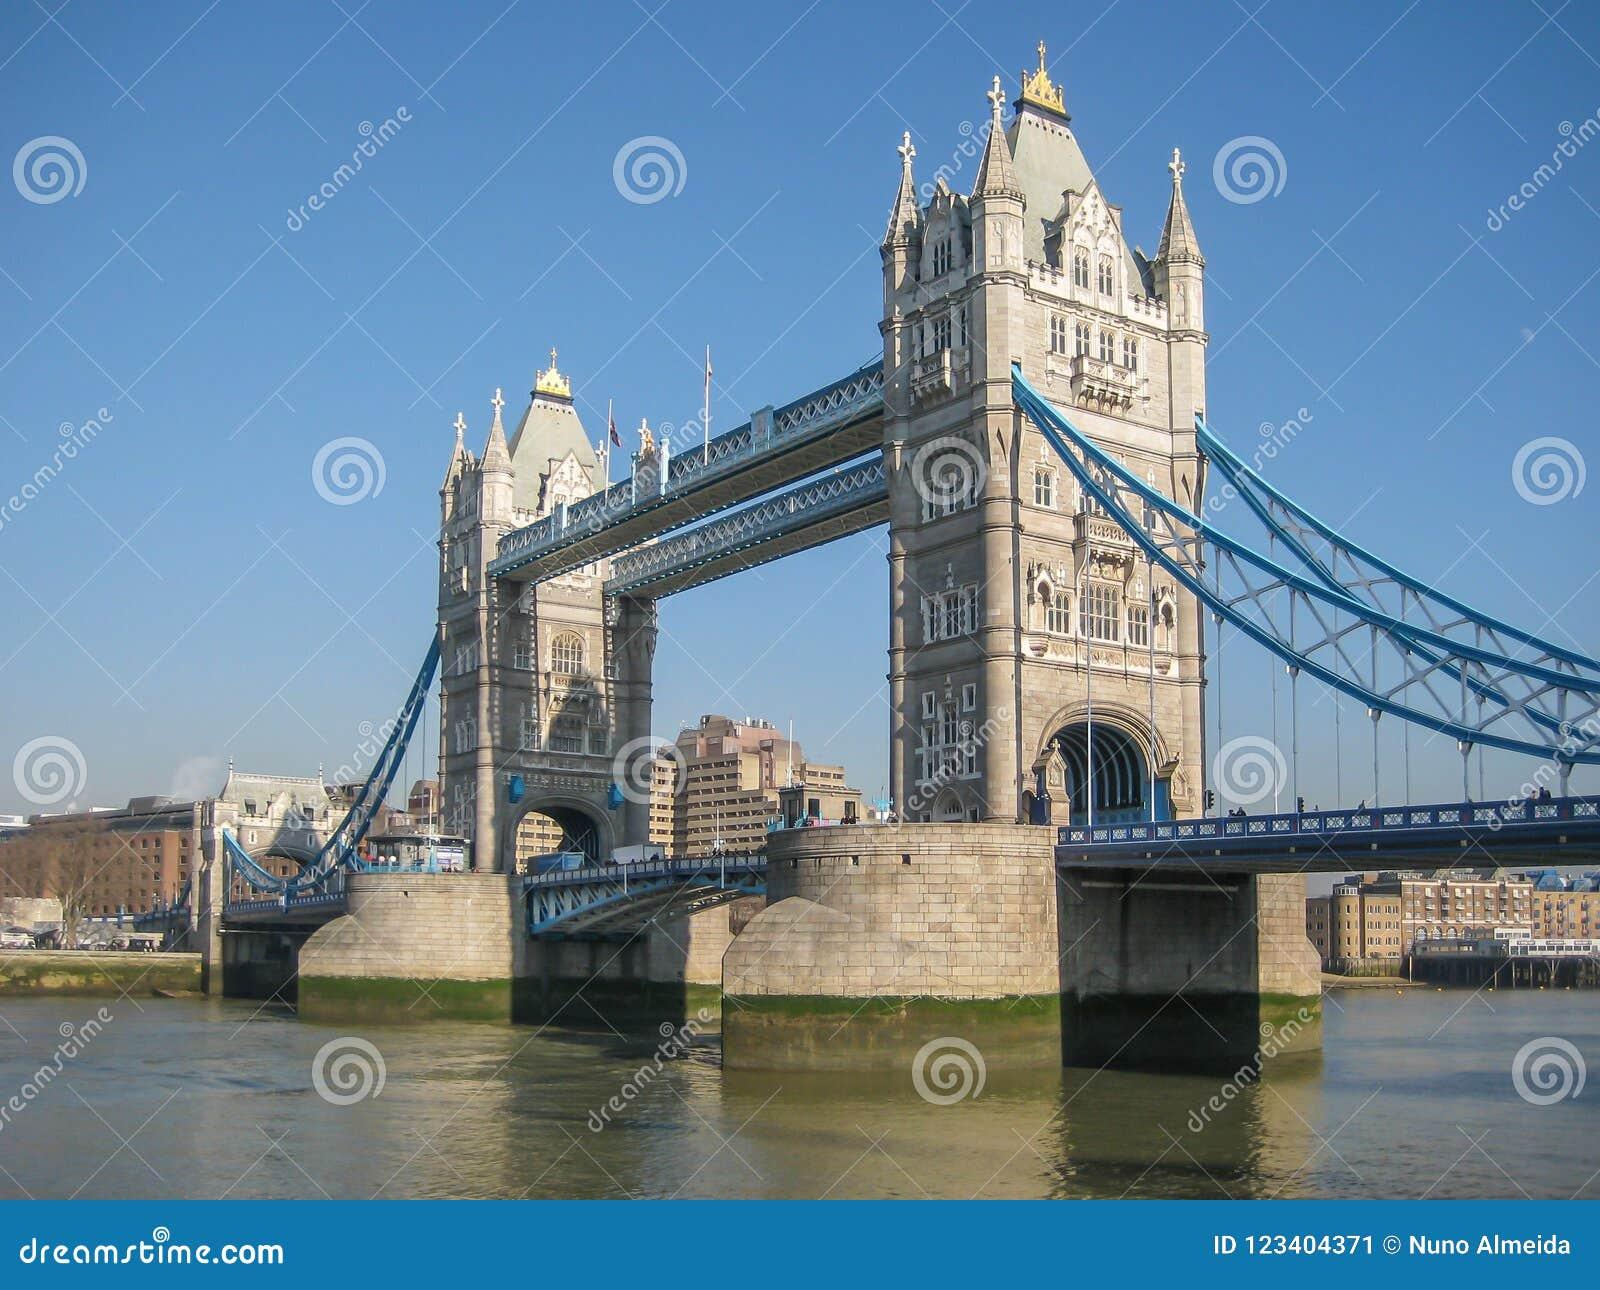 Ποταμός Τάμεσης στο κεντρικό Λονδίνο με τη βασίλισσα Tower Bridge στο υπόβαθρο